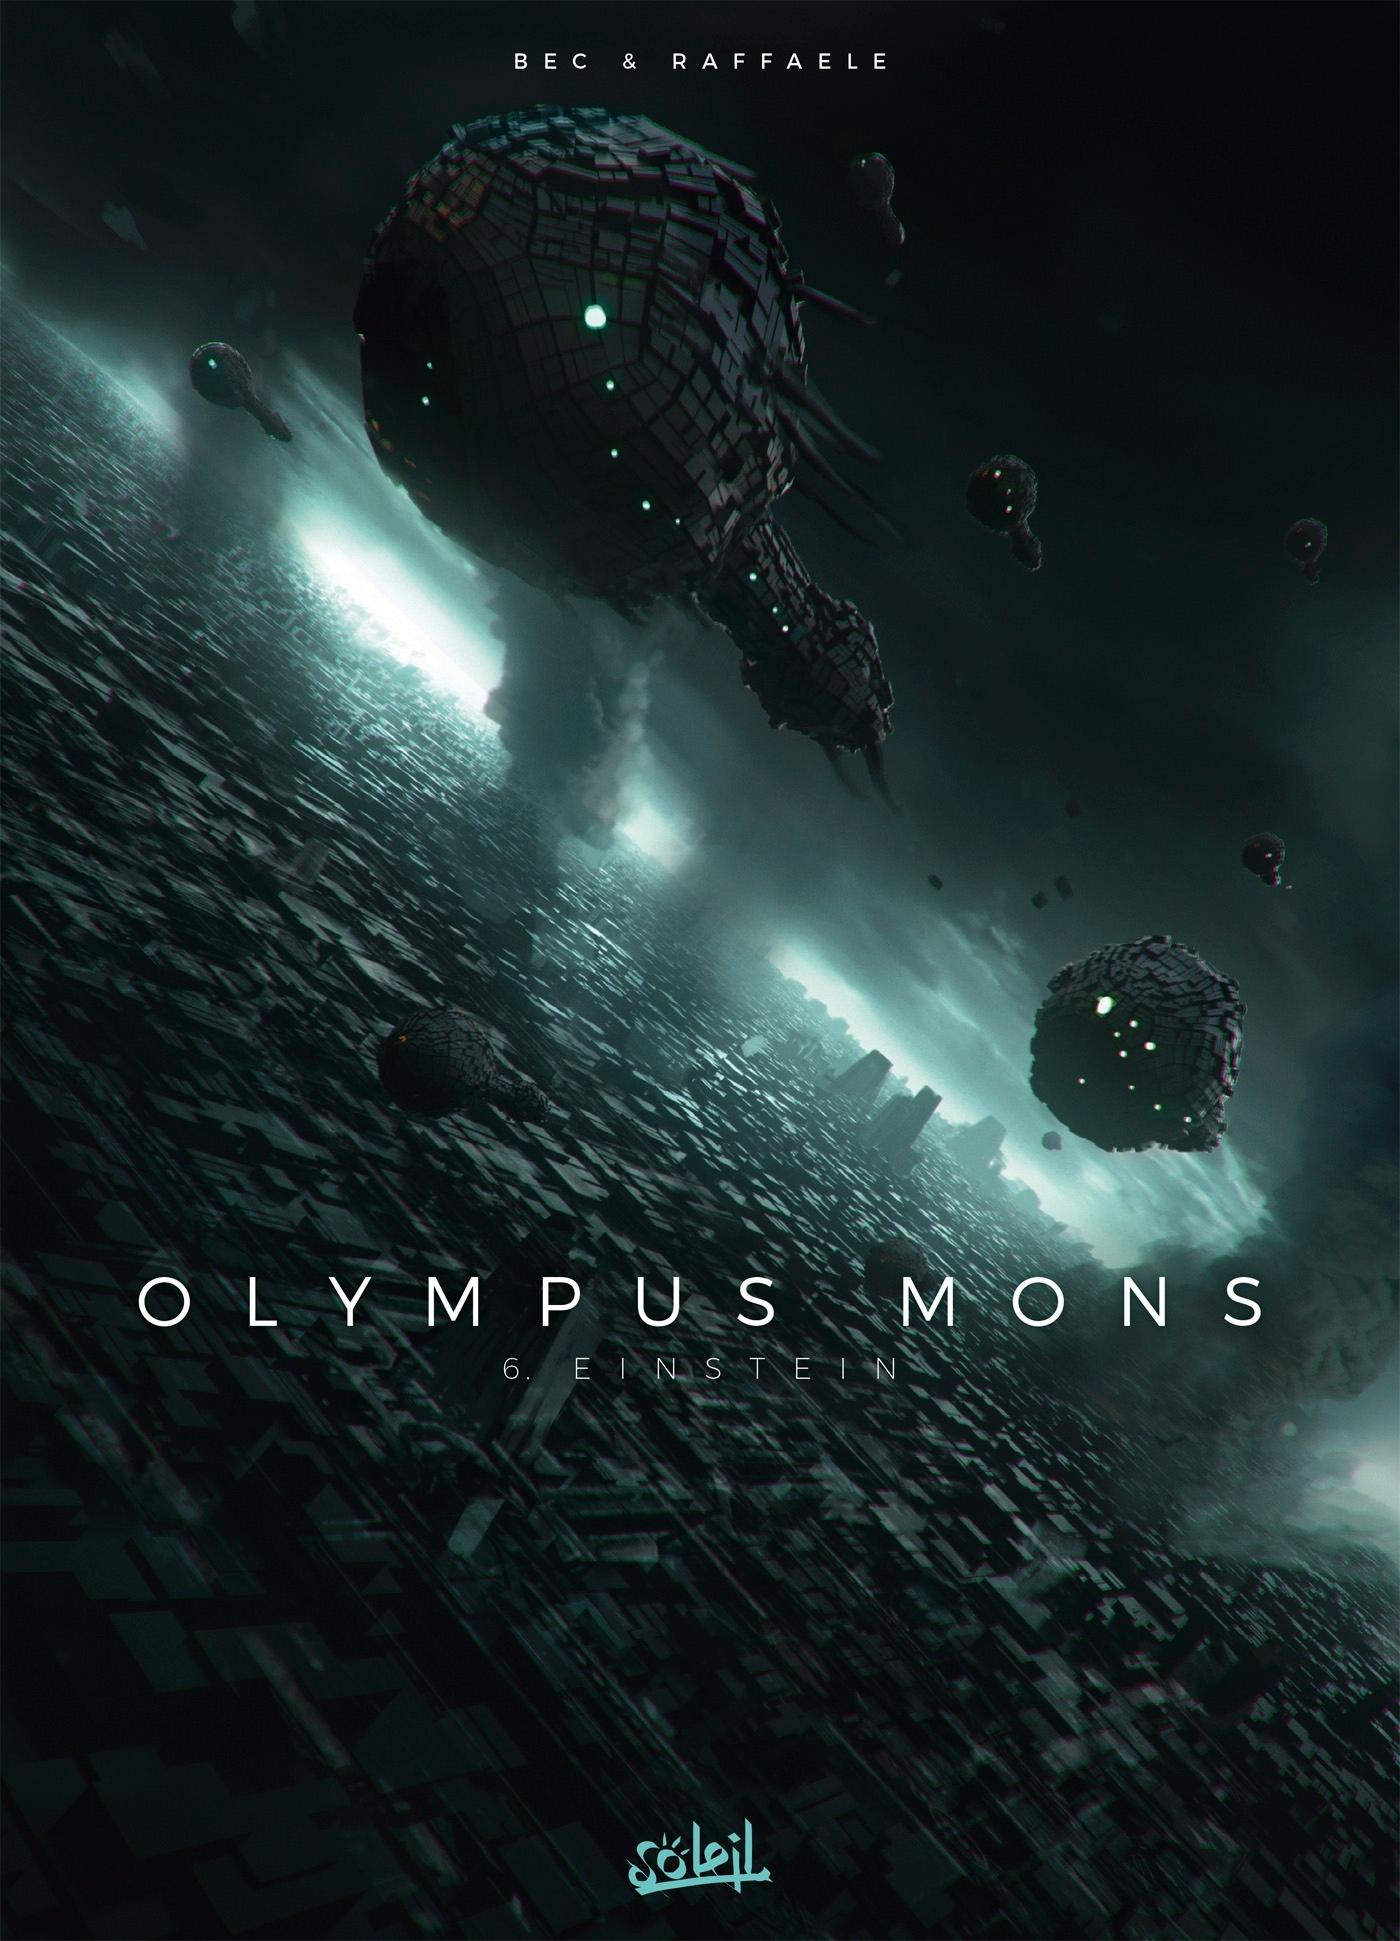 OLYMPUS MONS - T06 - OLYMPUS MONS 06 - EINSTEIN